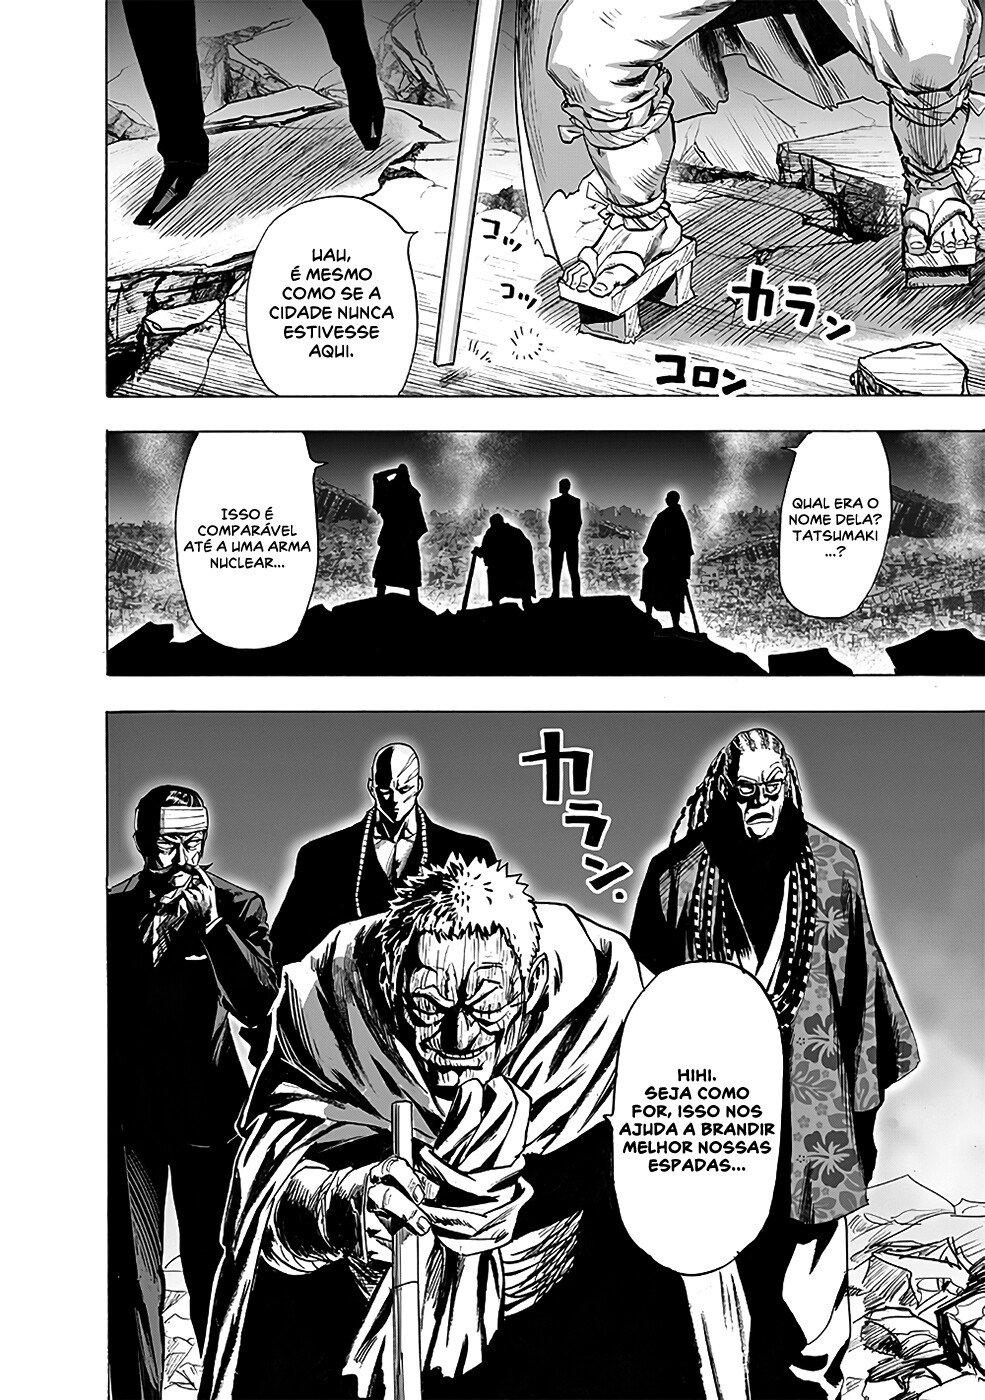 Quem no universo de Naruto seria capaz de derrotar Tatsumaki? - Página 3 2210